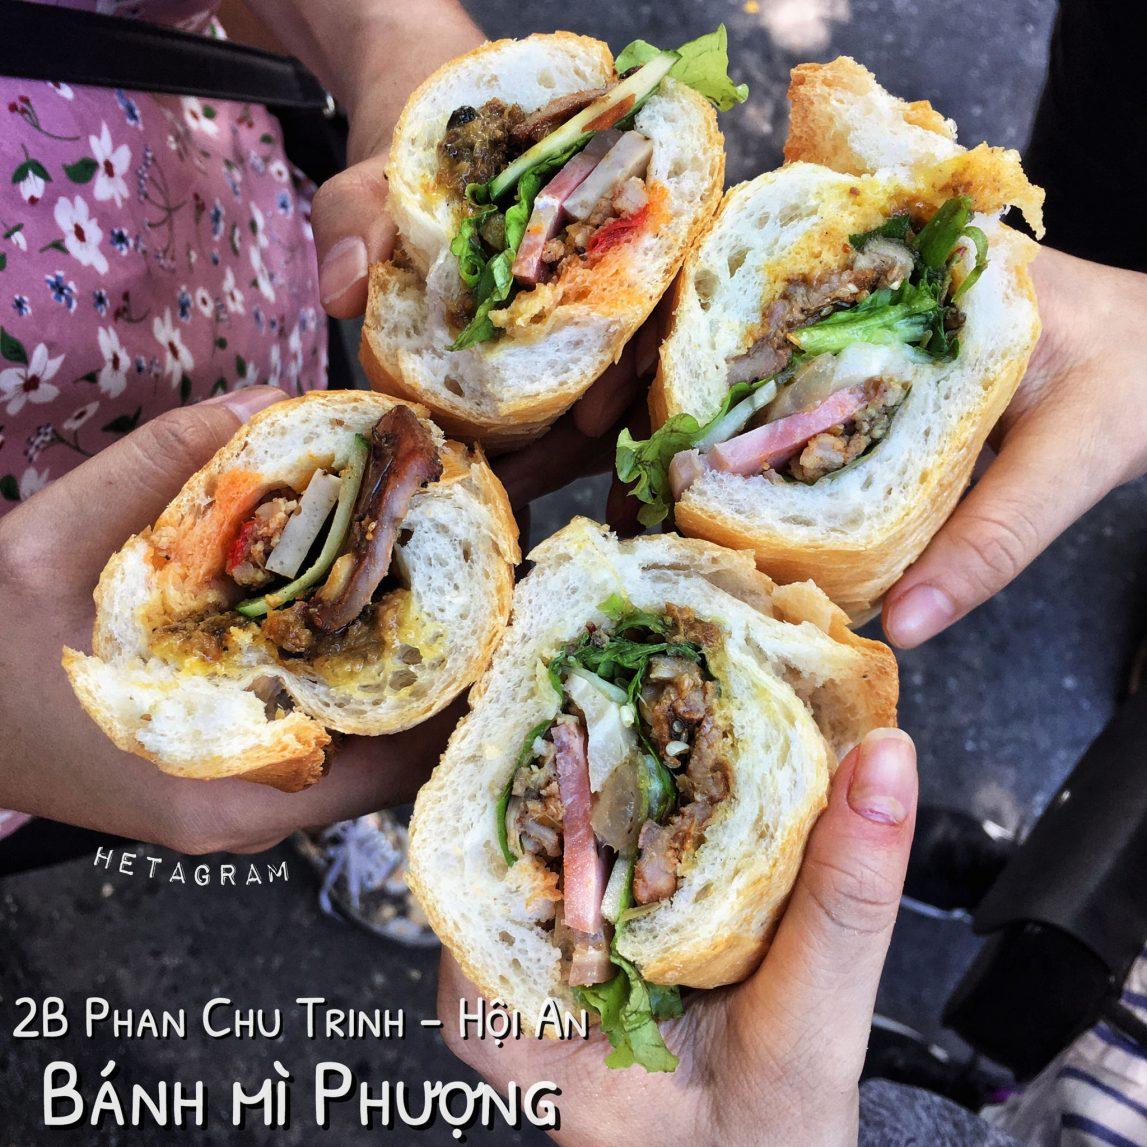 Вьетнам - уличная еда